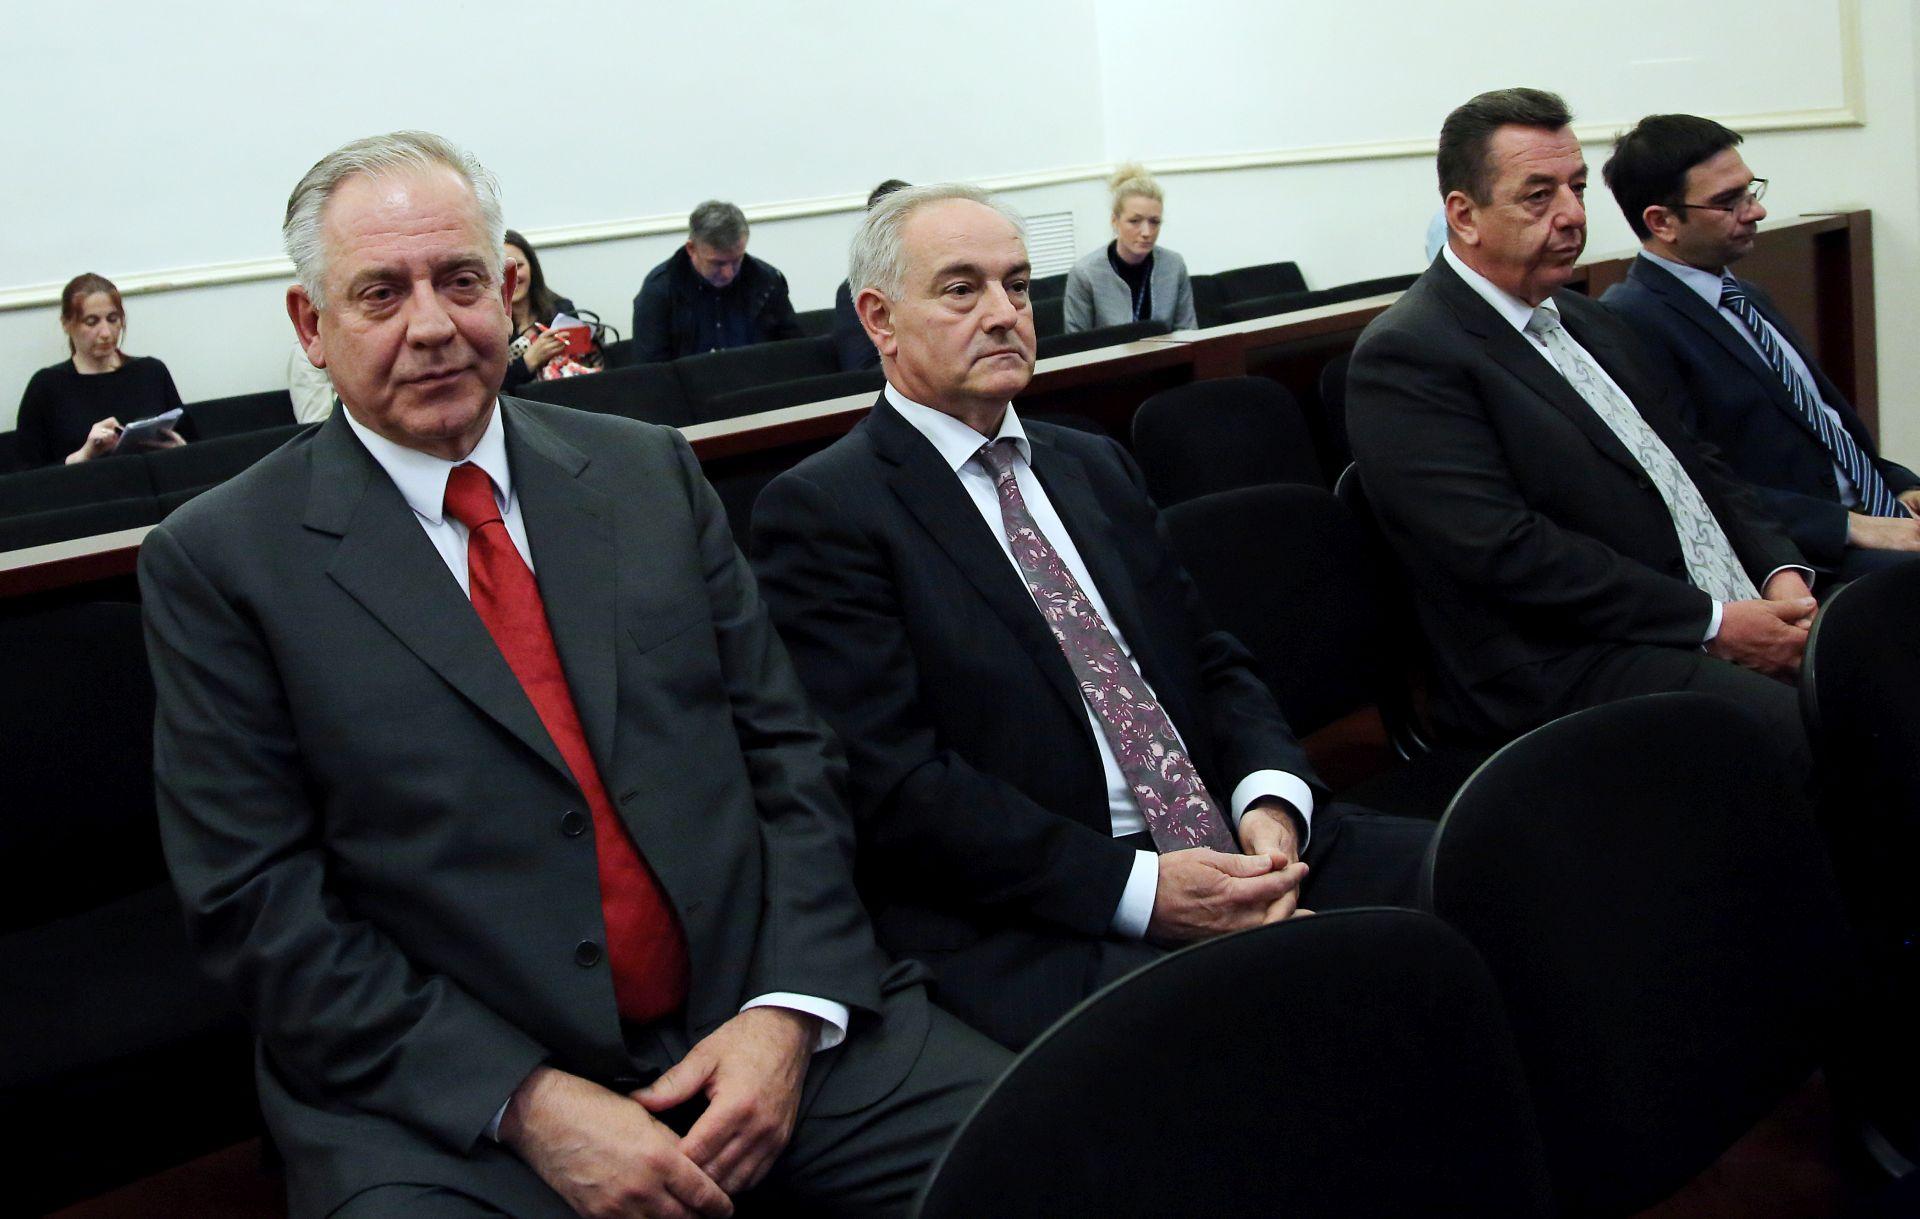 DIOKI Ponovno potvrđena optužnica protiv Sanadera i Ježića